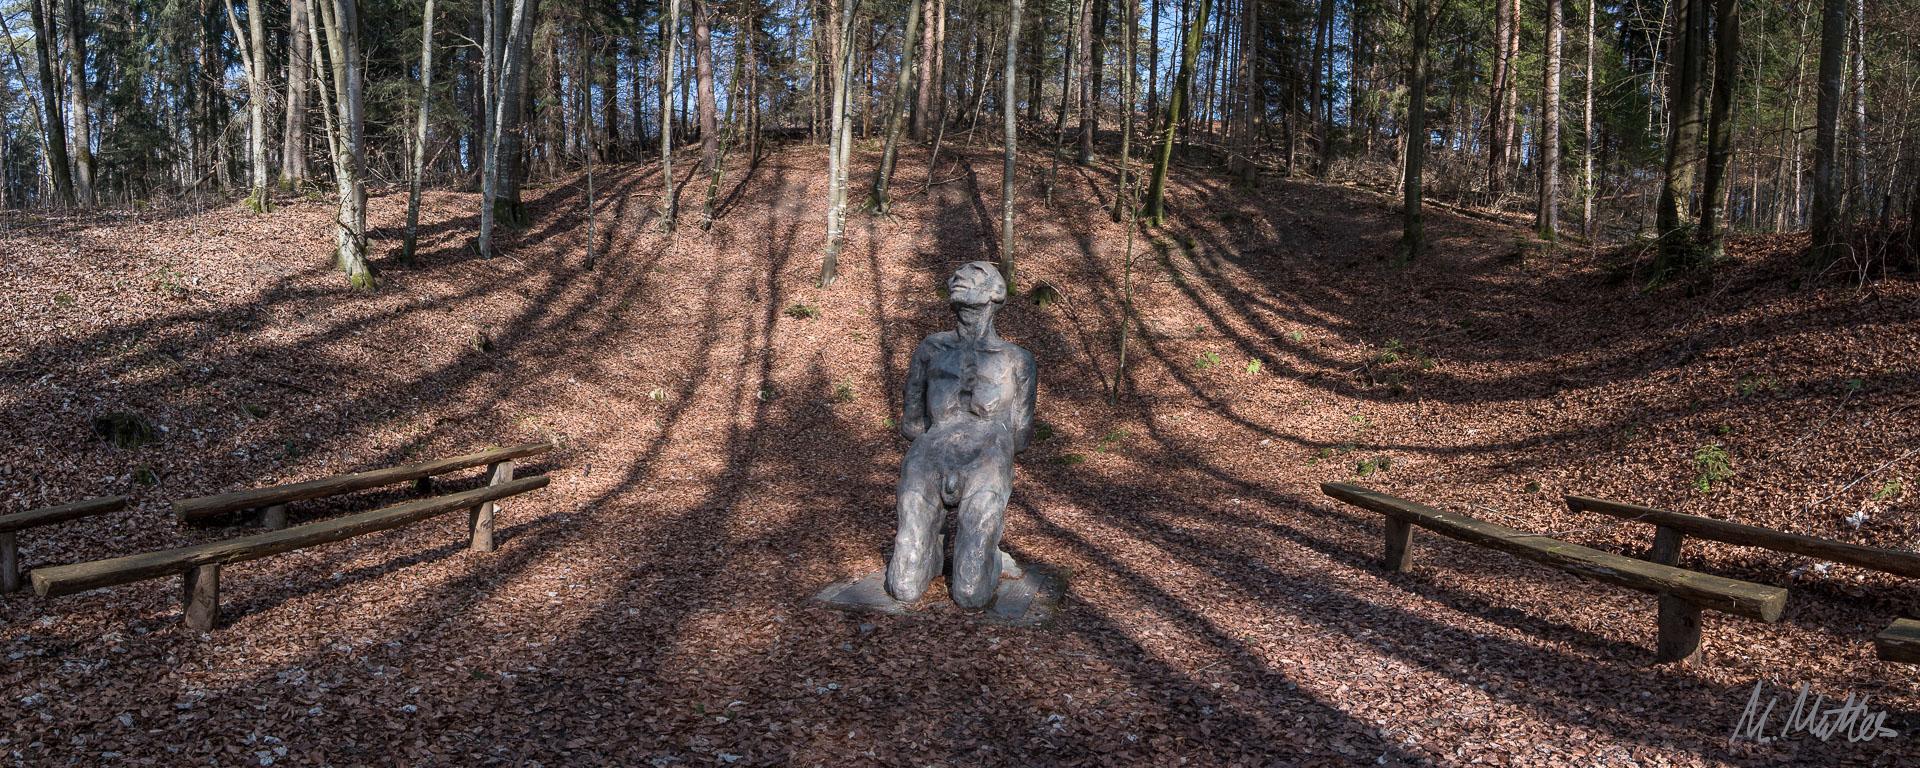 Gedenkstätte Eckerwald